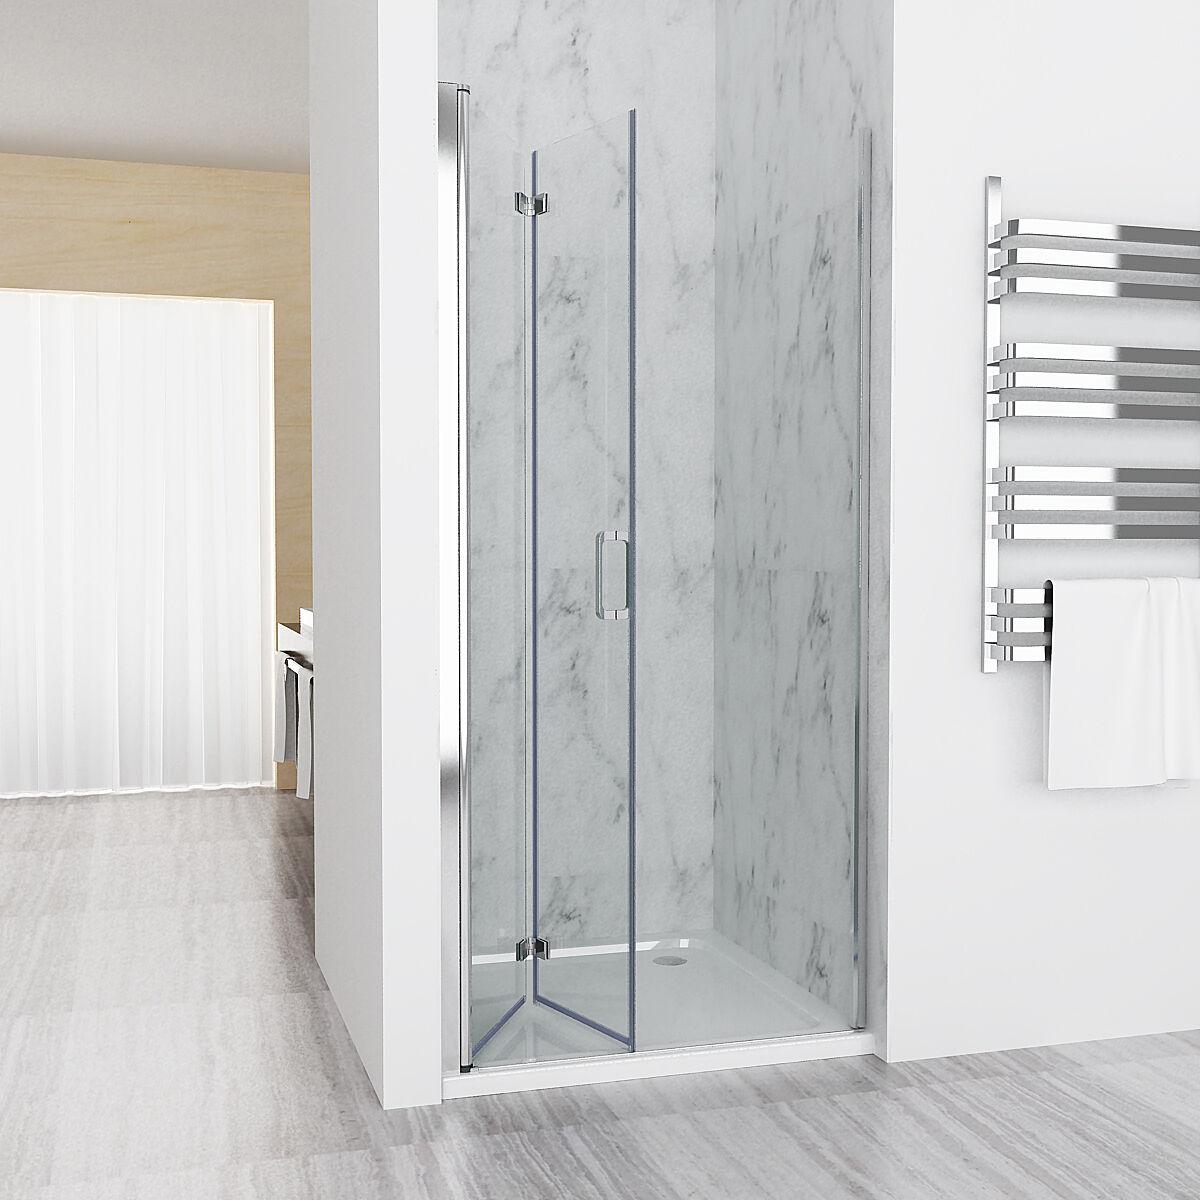 70-120 cm Nischentür Duschabtrennung Duschwand Dusche Falttür NANO Dusche ESG DA